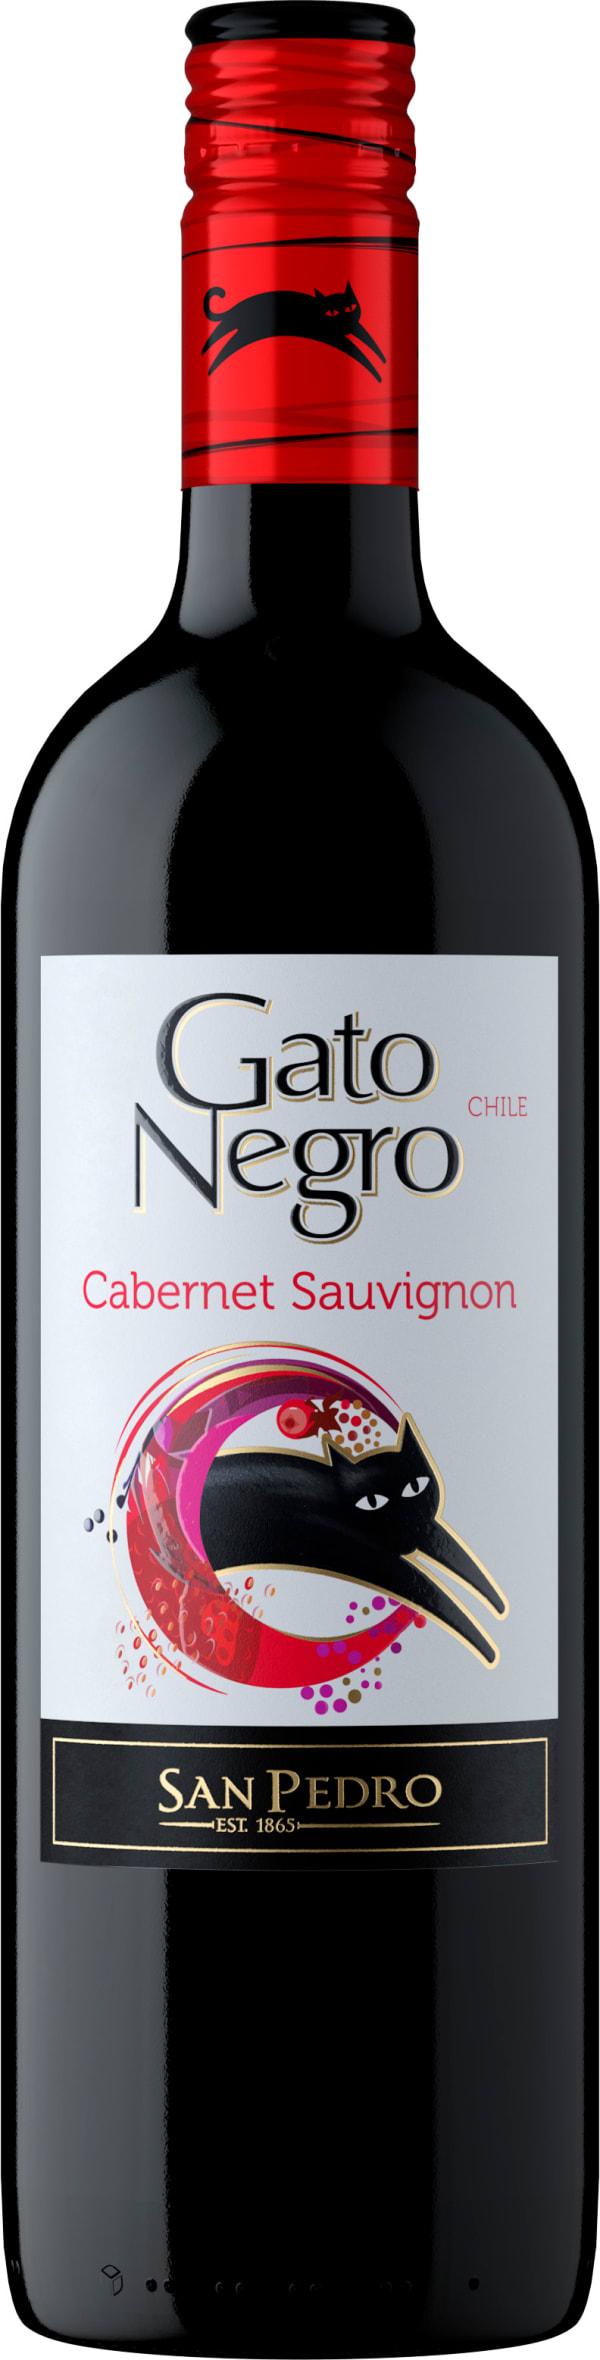 Gato Negro Cabernet Sauvignon 2017